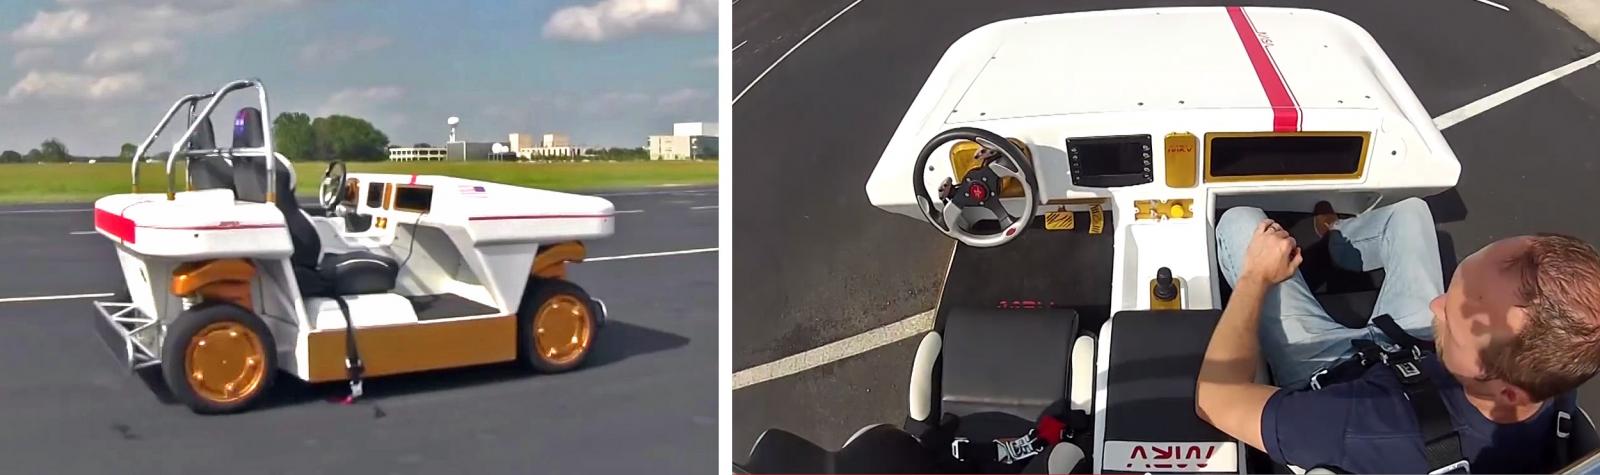 NASA's Modular Robotic Vehicle autonomous car